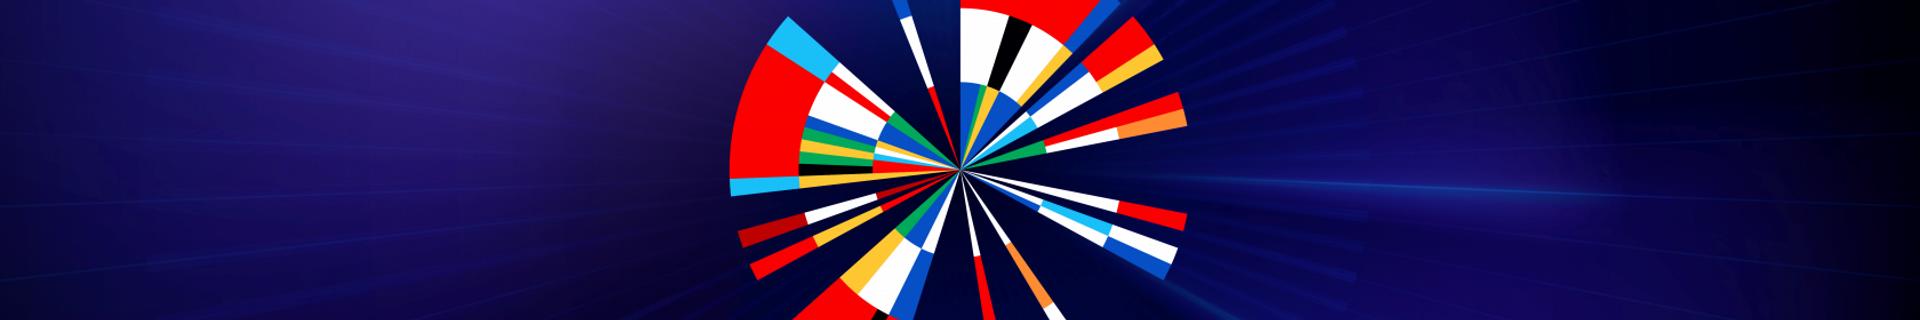 Новый логотип Евровидение 2020 - Sputnik Таджикистан, 1920